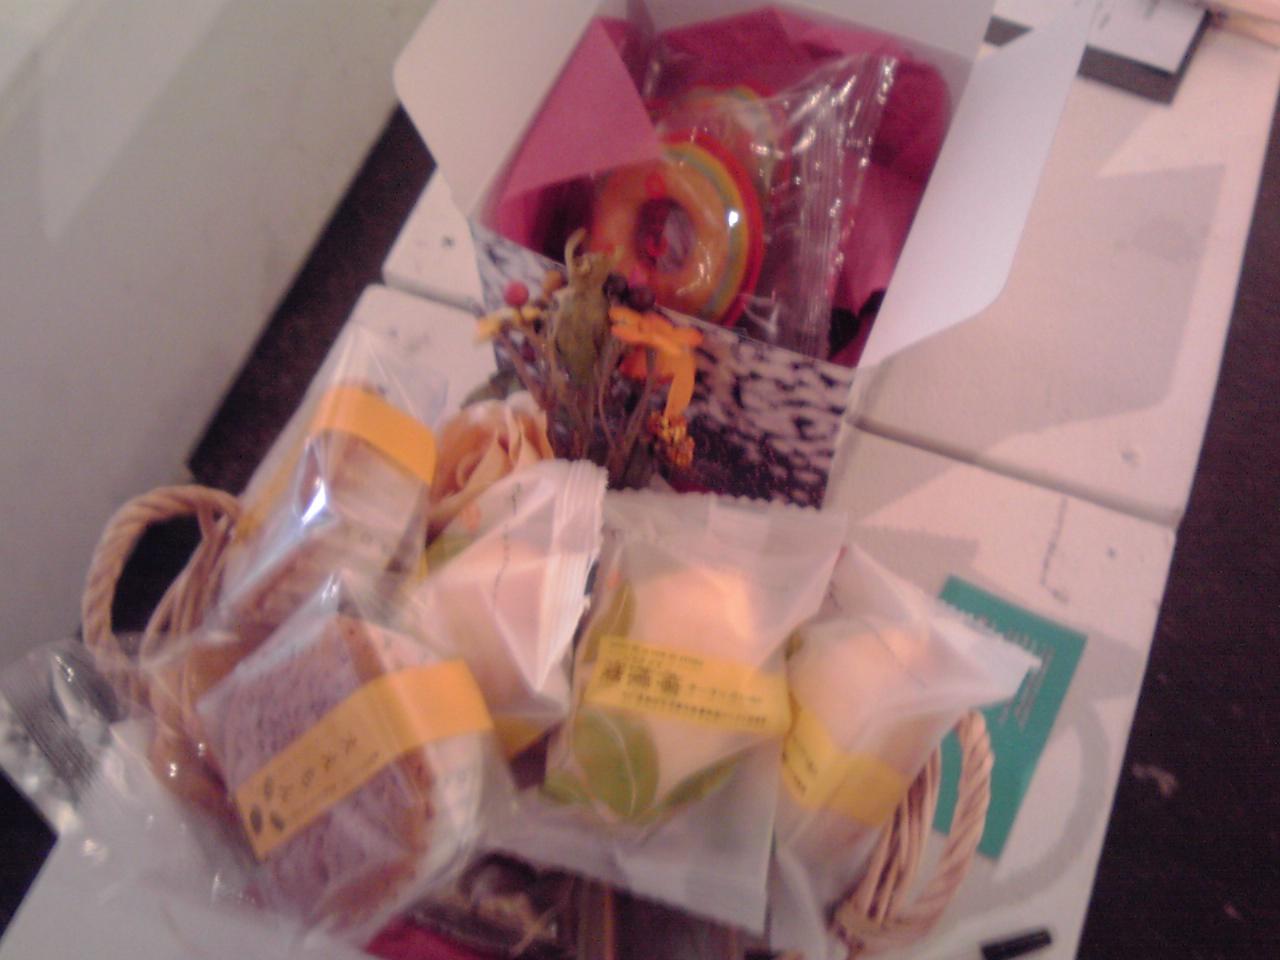 いまならお菓子いっぱいあるよ_e0155231_14543191.jpg